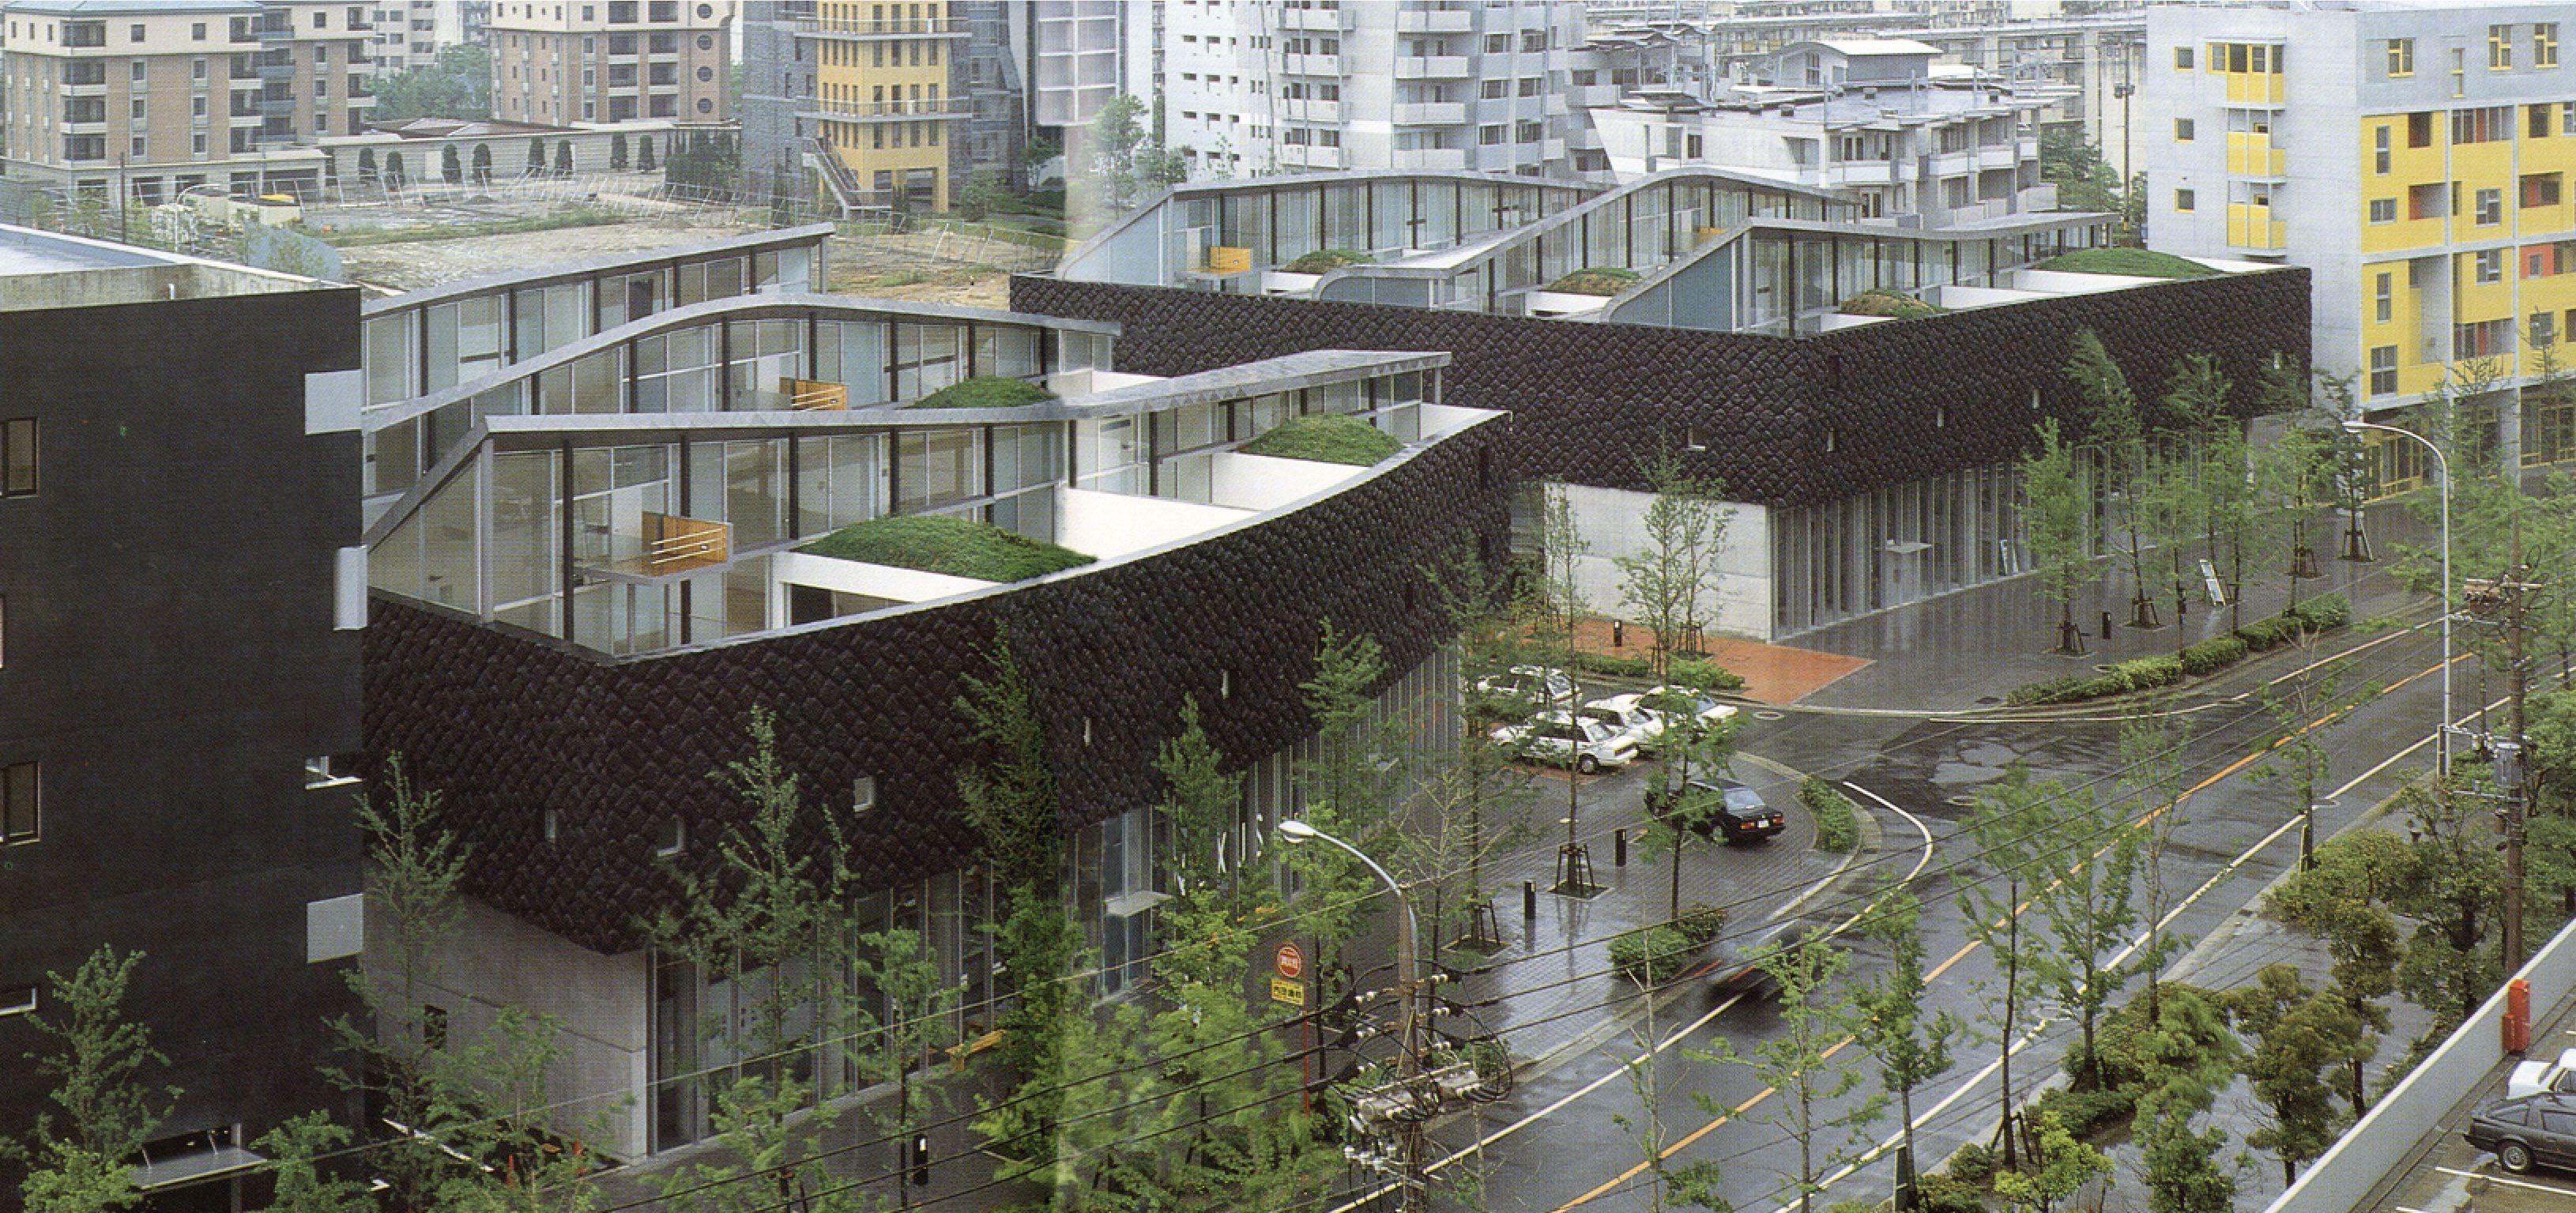 Rem koolhaas villa dall ava paris france 1991 atlas of - 1991 Nexus World Housing Fukuoka Oma Rem Koolhaasfukuokamodernism